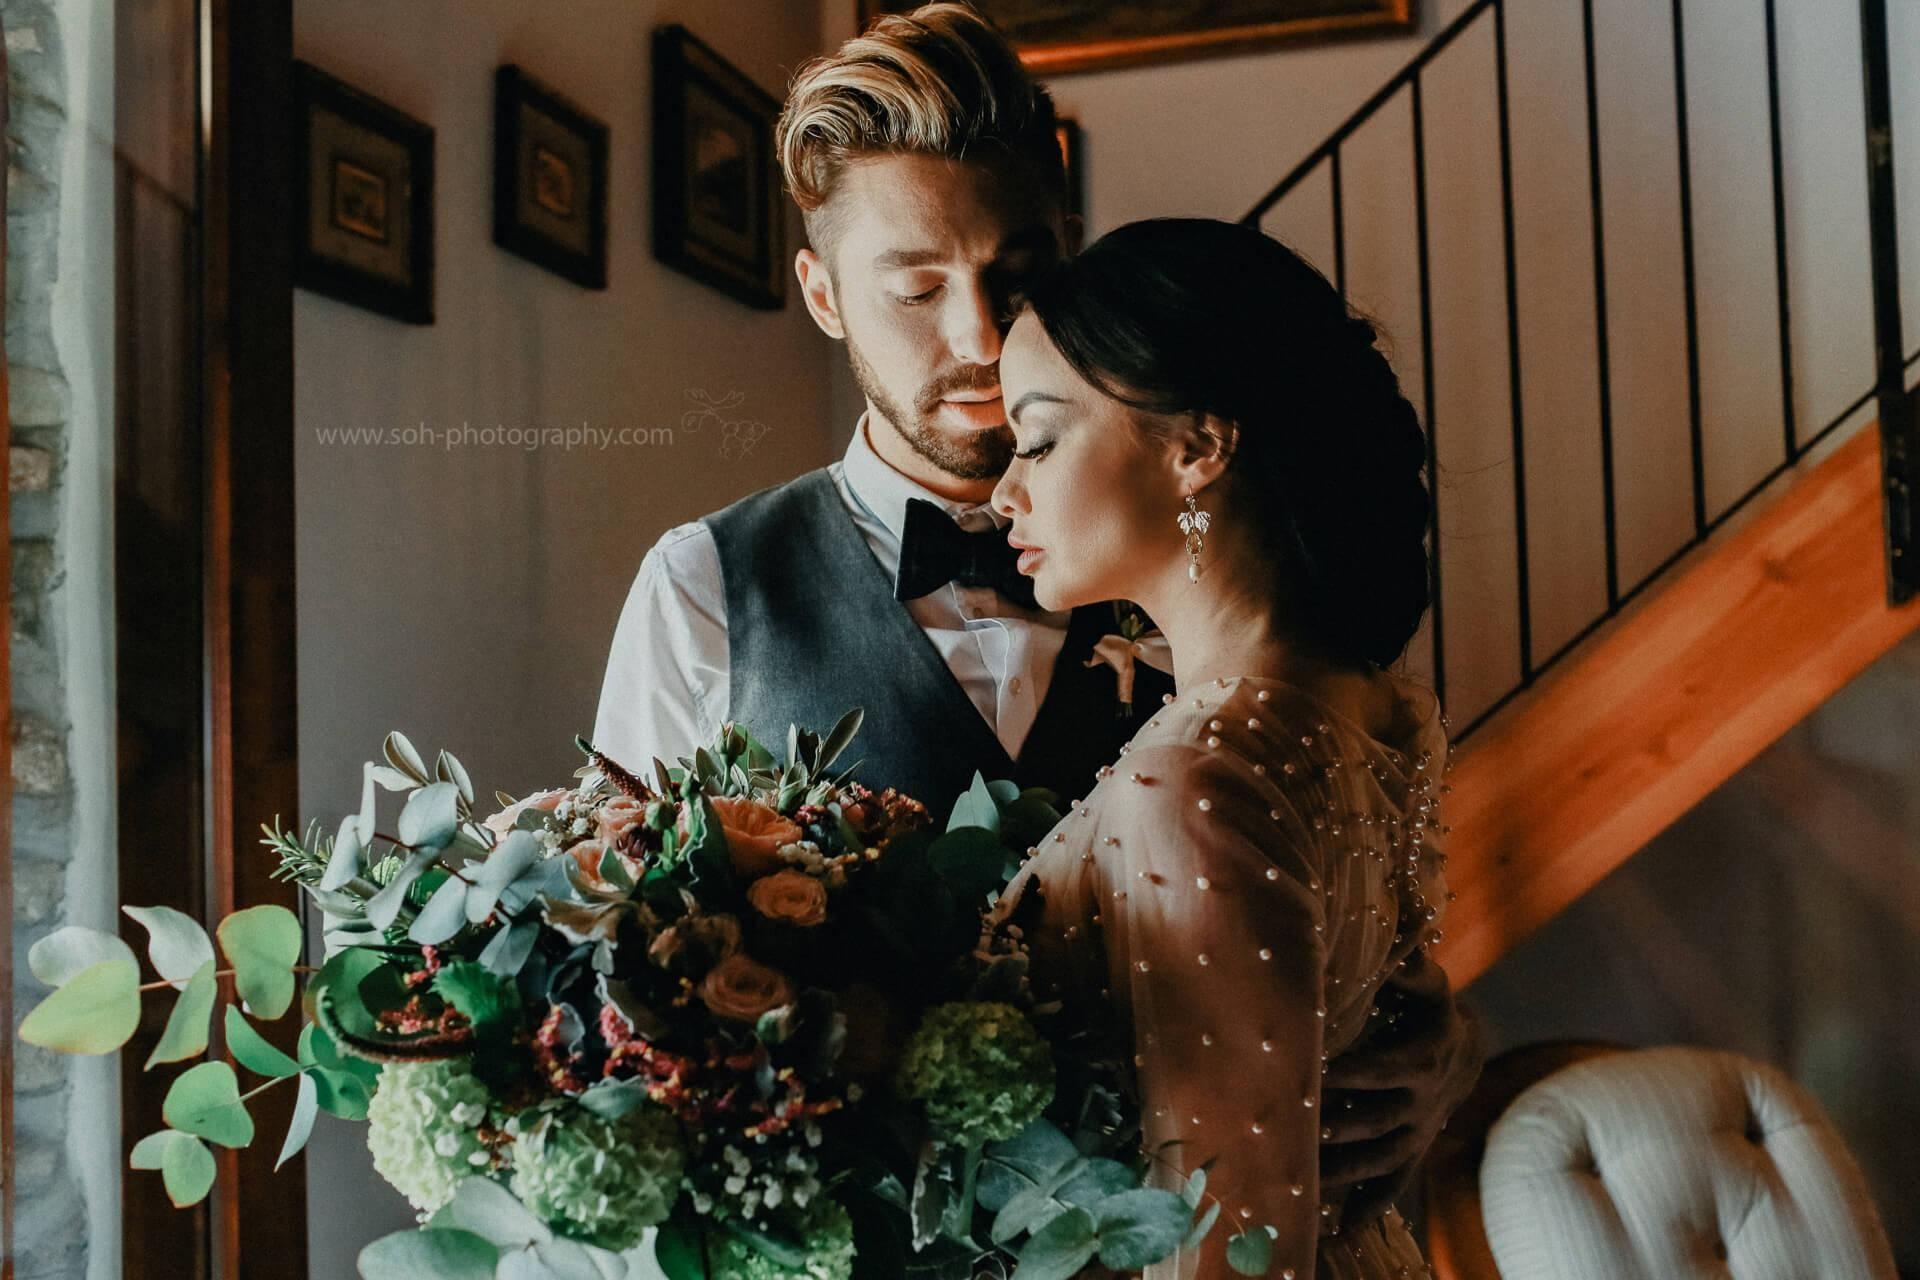 Hochzeitsfotograf Bruck An Der Leitha Wien Und Neusiedl Am See Hochzeitsfotografwien Hochzeitsfotografbruckanderleitha Hochzeitsfotograf Fotograf Hochzeit